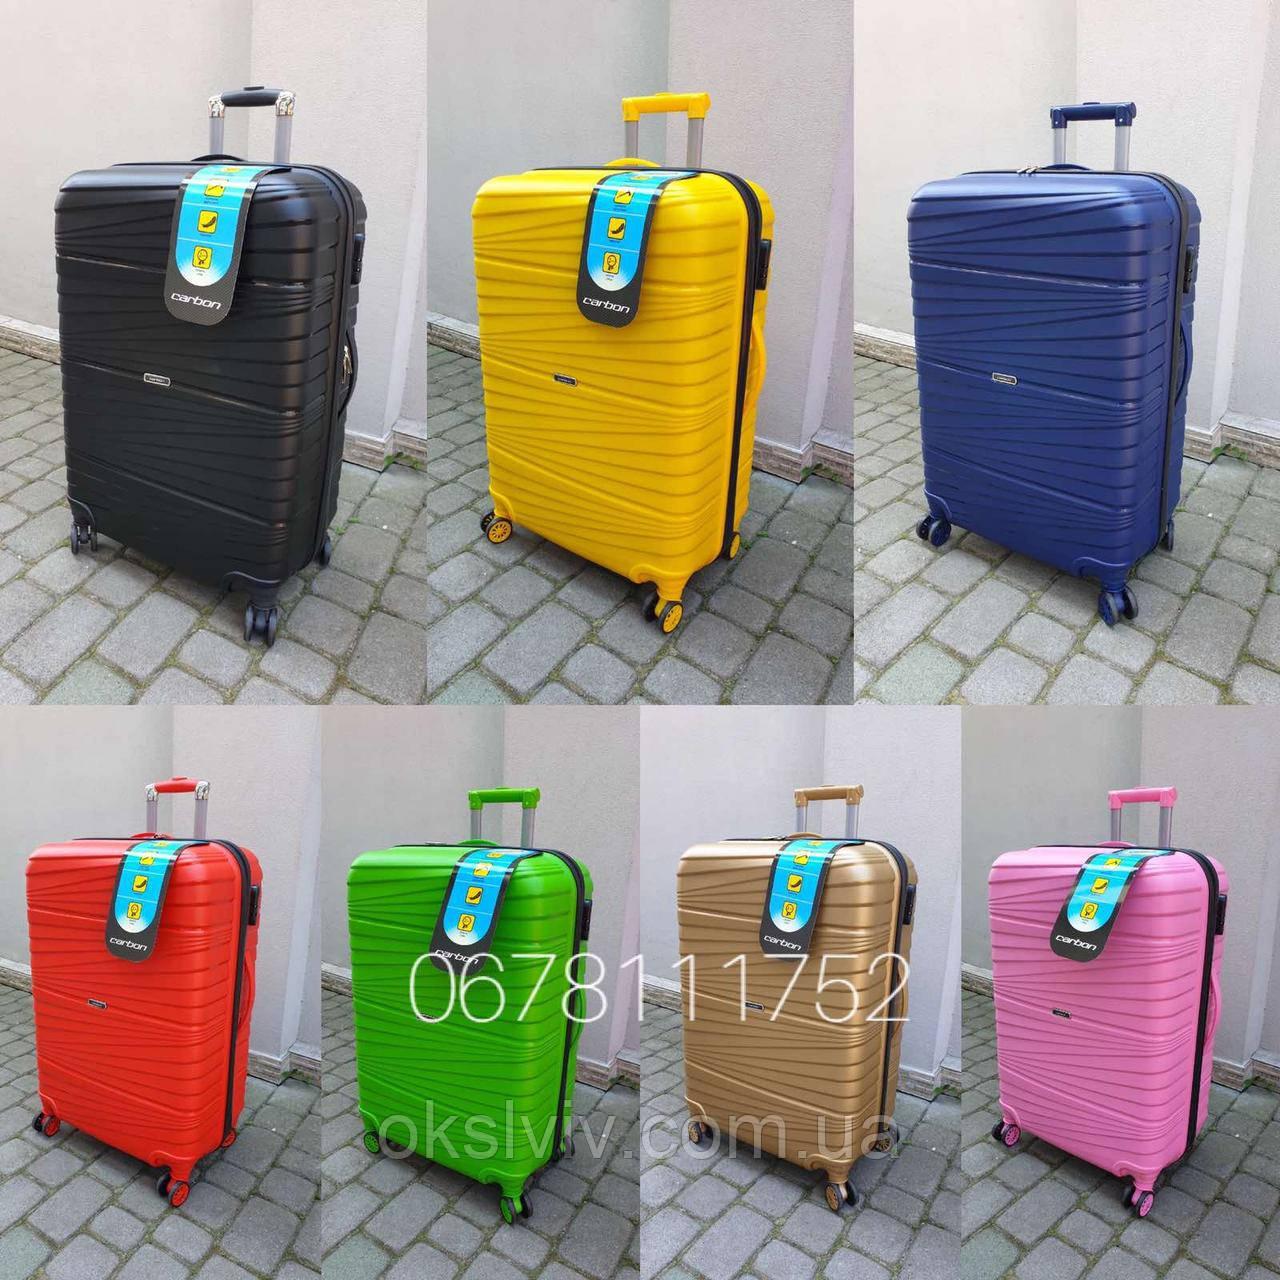 CARBON 2020 Німеччина валізи чемодани, сумки на колесах